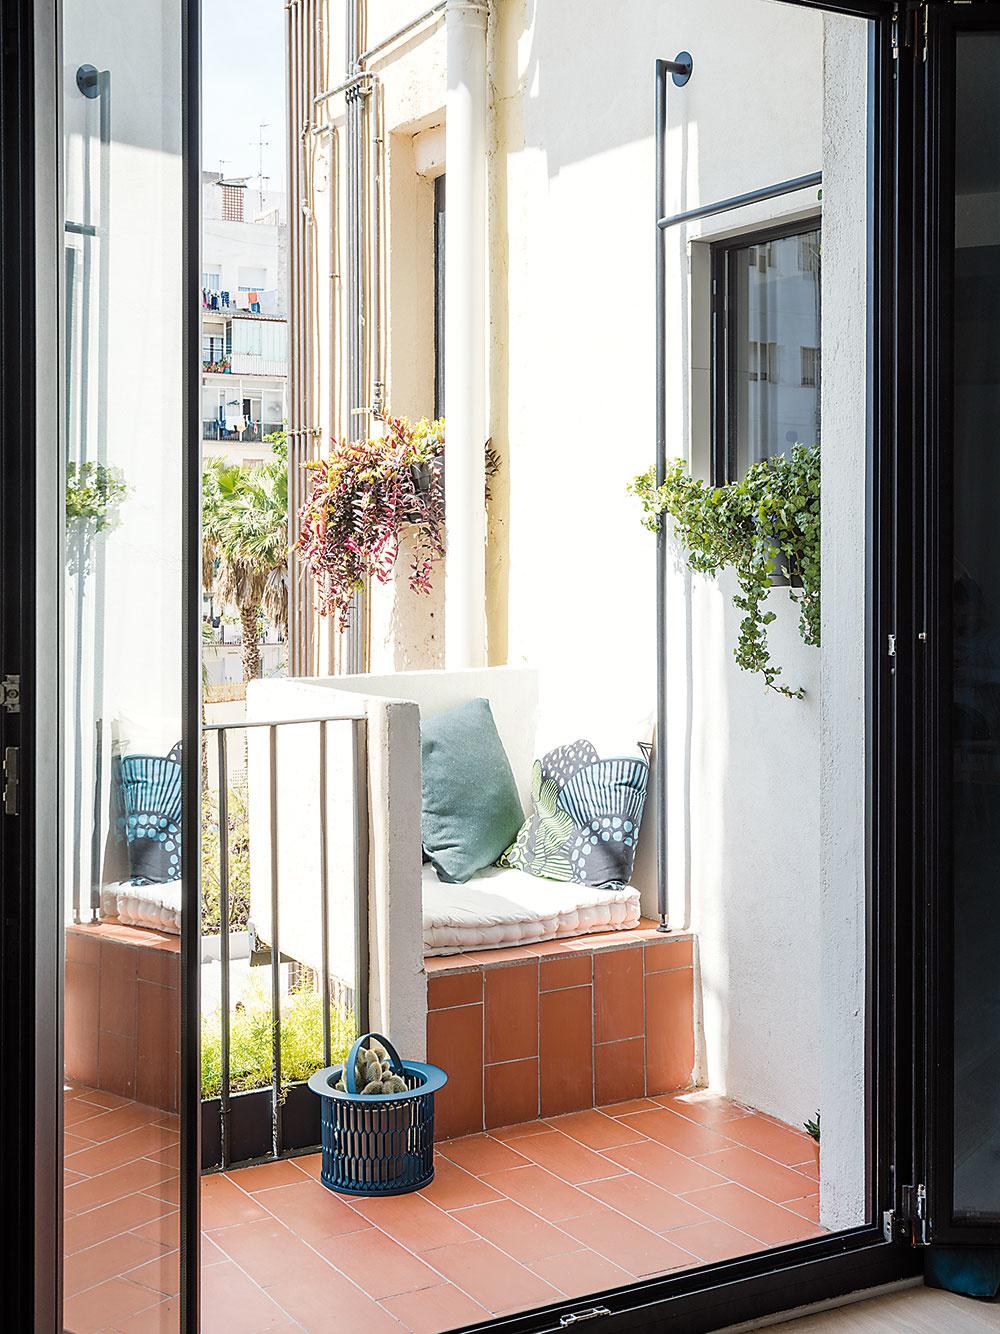 Na mieste, kde sa pôvodne nachádzala práčka, vzniklo šikovné vstavané sedenie. Nová práčovňa je prístupná priamo z terasy.